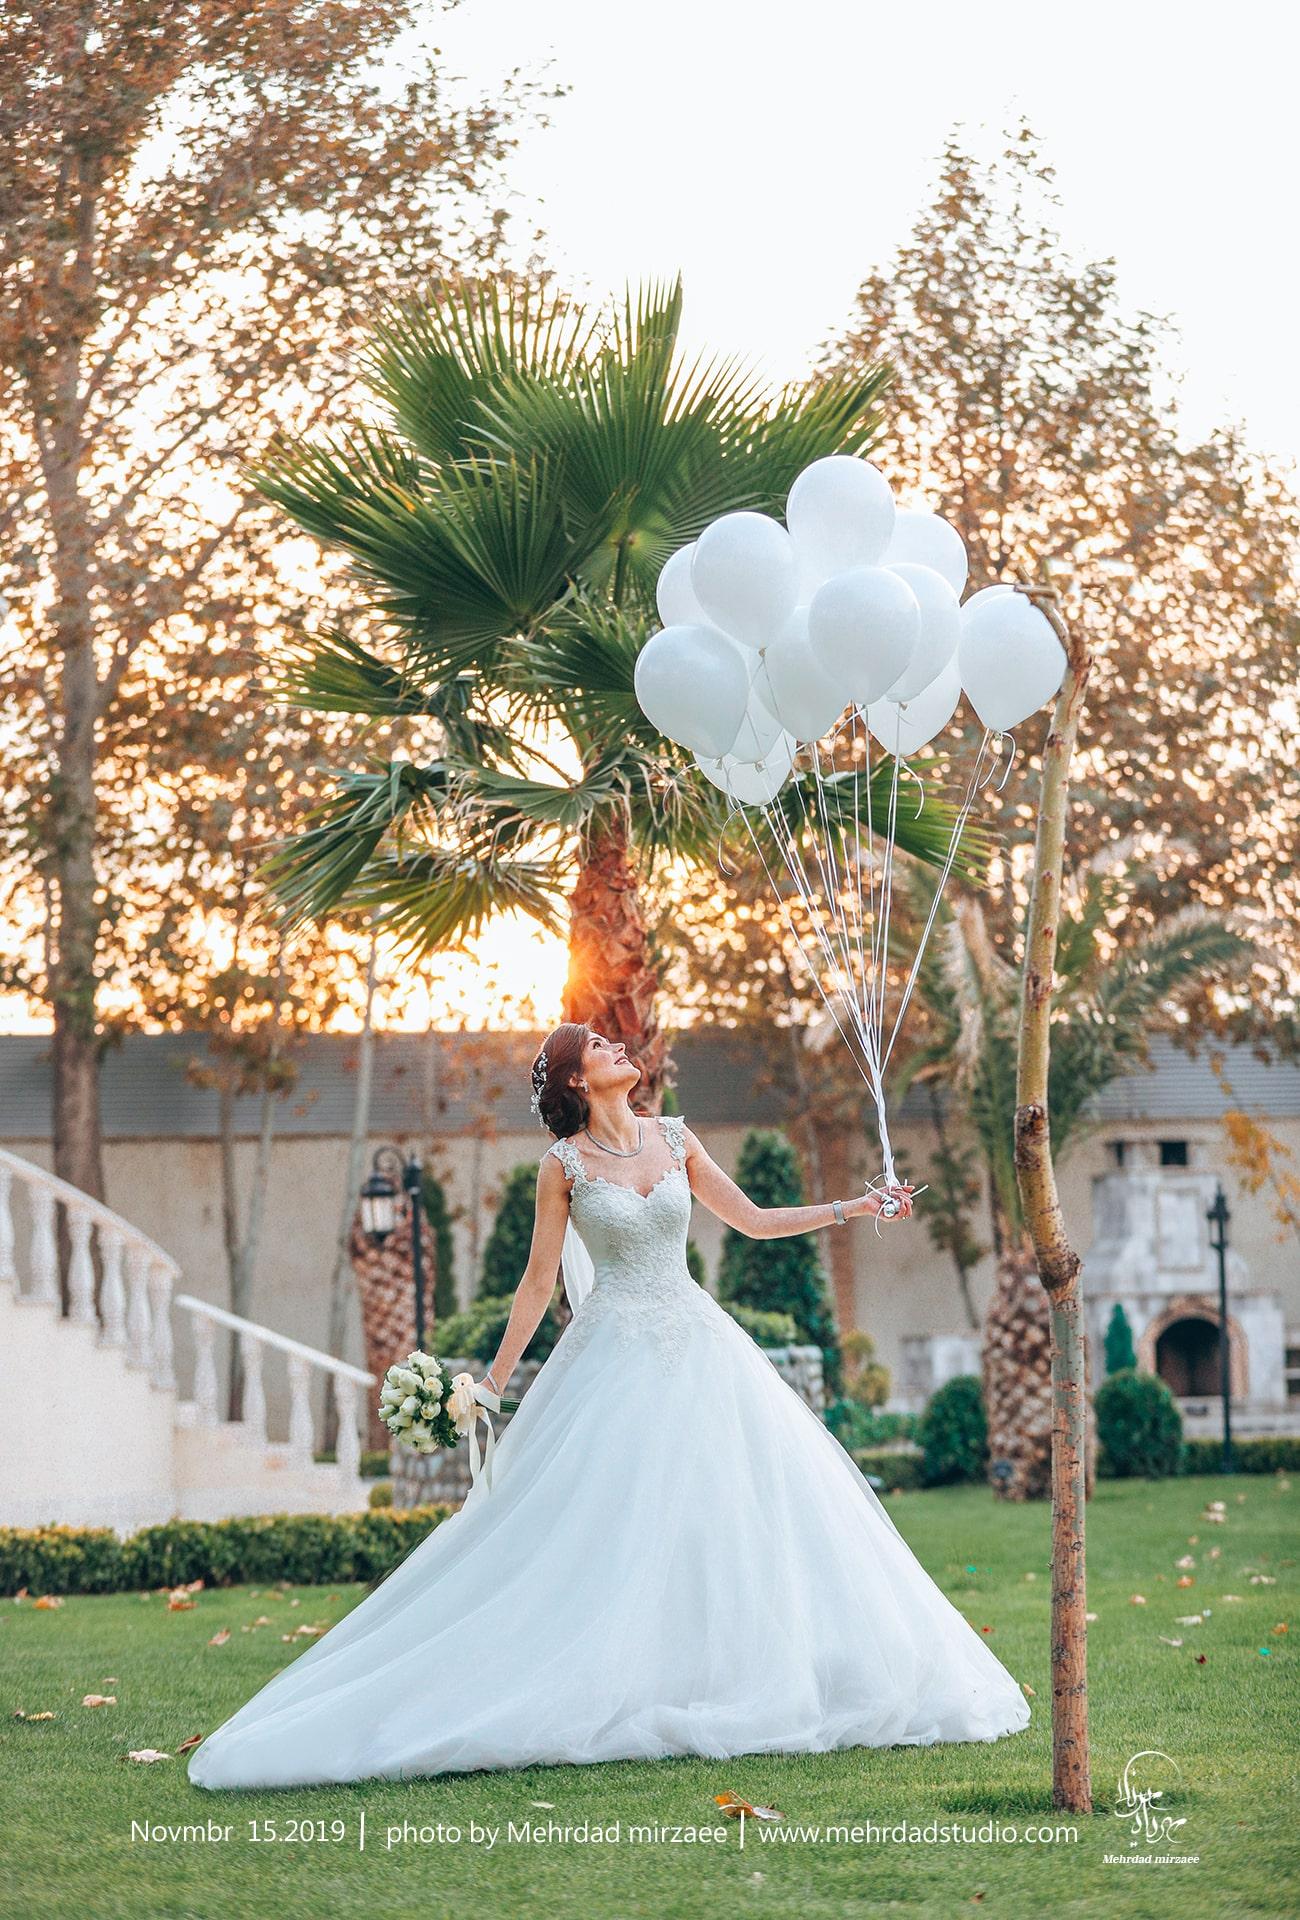 عکاسی عروس در کرج مهرداد میرزائی